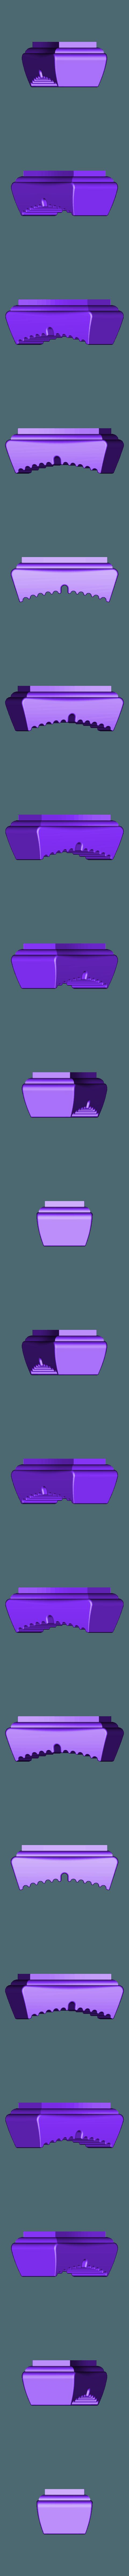 mymo-c.stl Télécharger fichier STL gratuit MON MO - faire un vœu et économiser de l'argent pour le réaliser. • Design pour impression 3D, CKLab